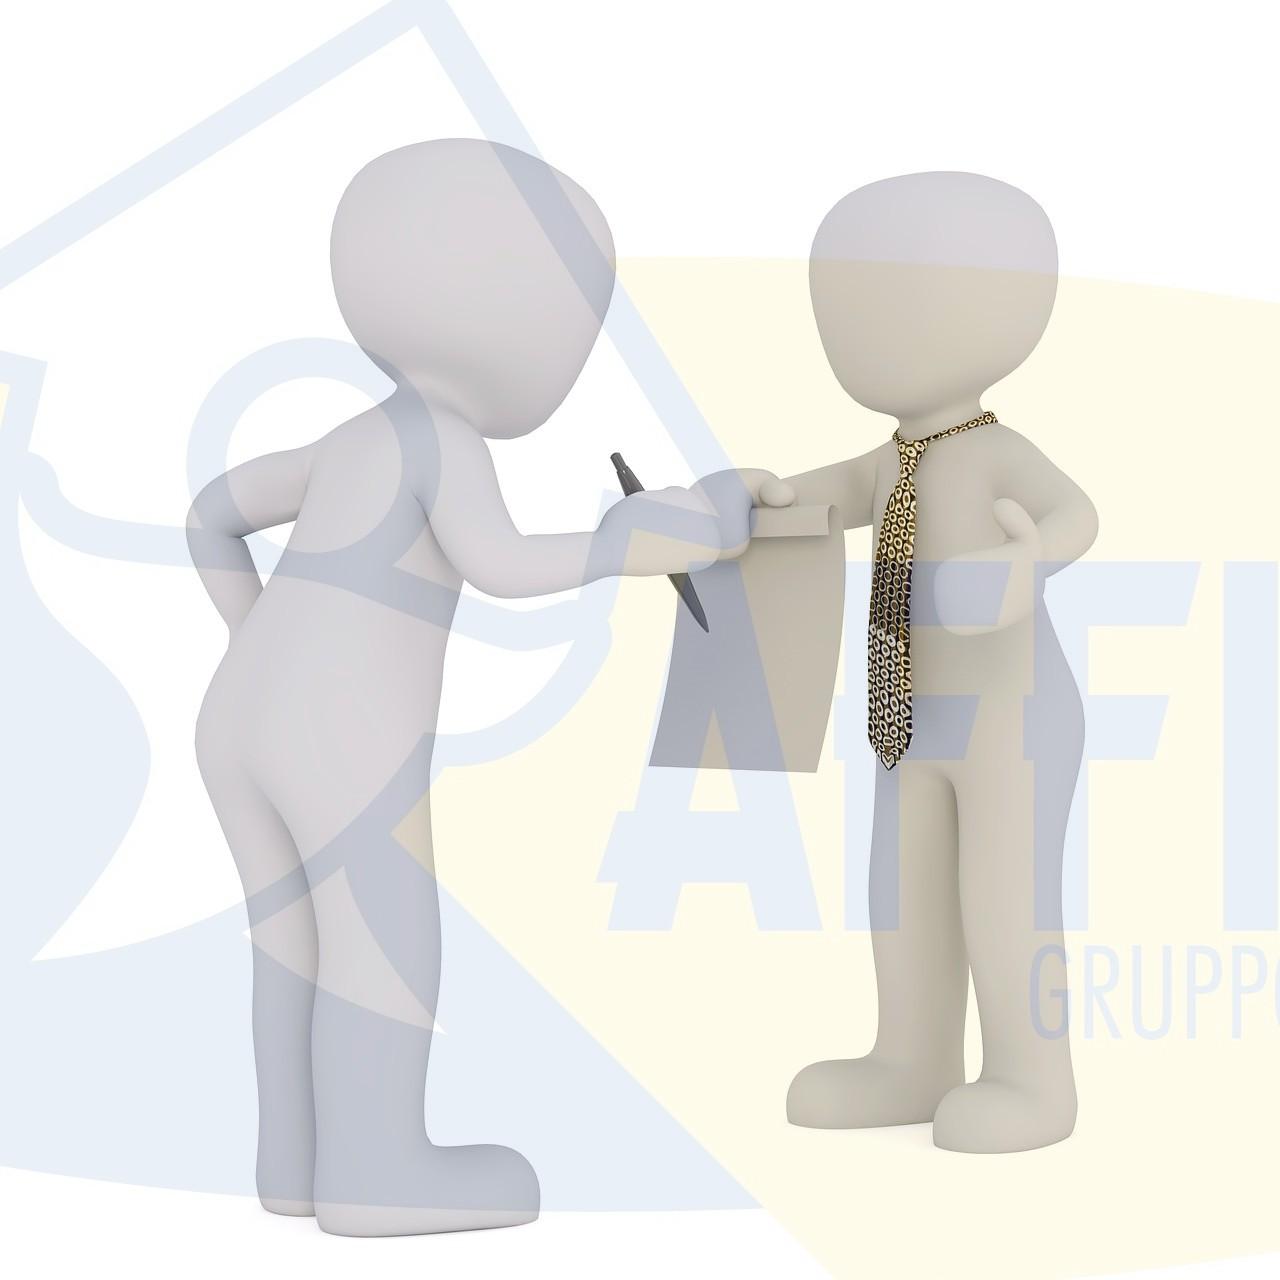 ... Sublocazione, Il Conduttore (sublocatore) Concede In Godimento Ad Un  Altro Soggetto (subconduttore) Il Godimento Totale O Parziale Dellu0027immobile  Locato.